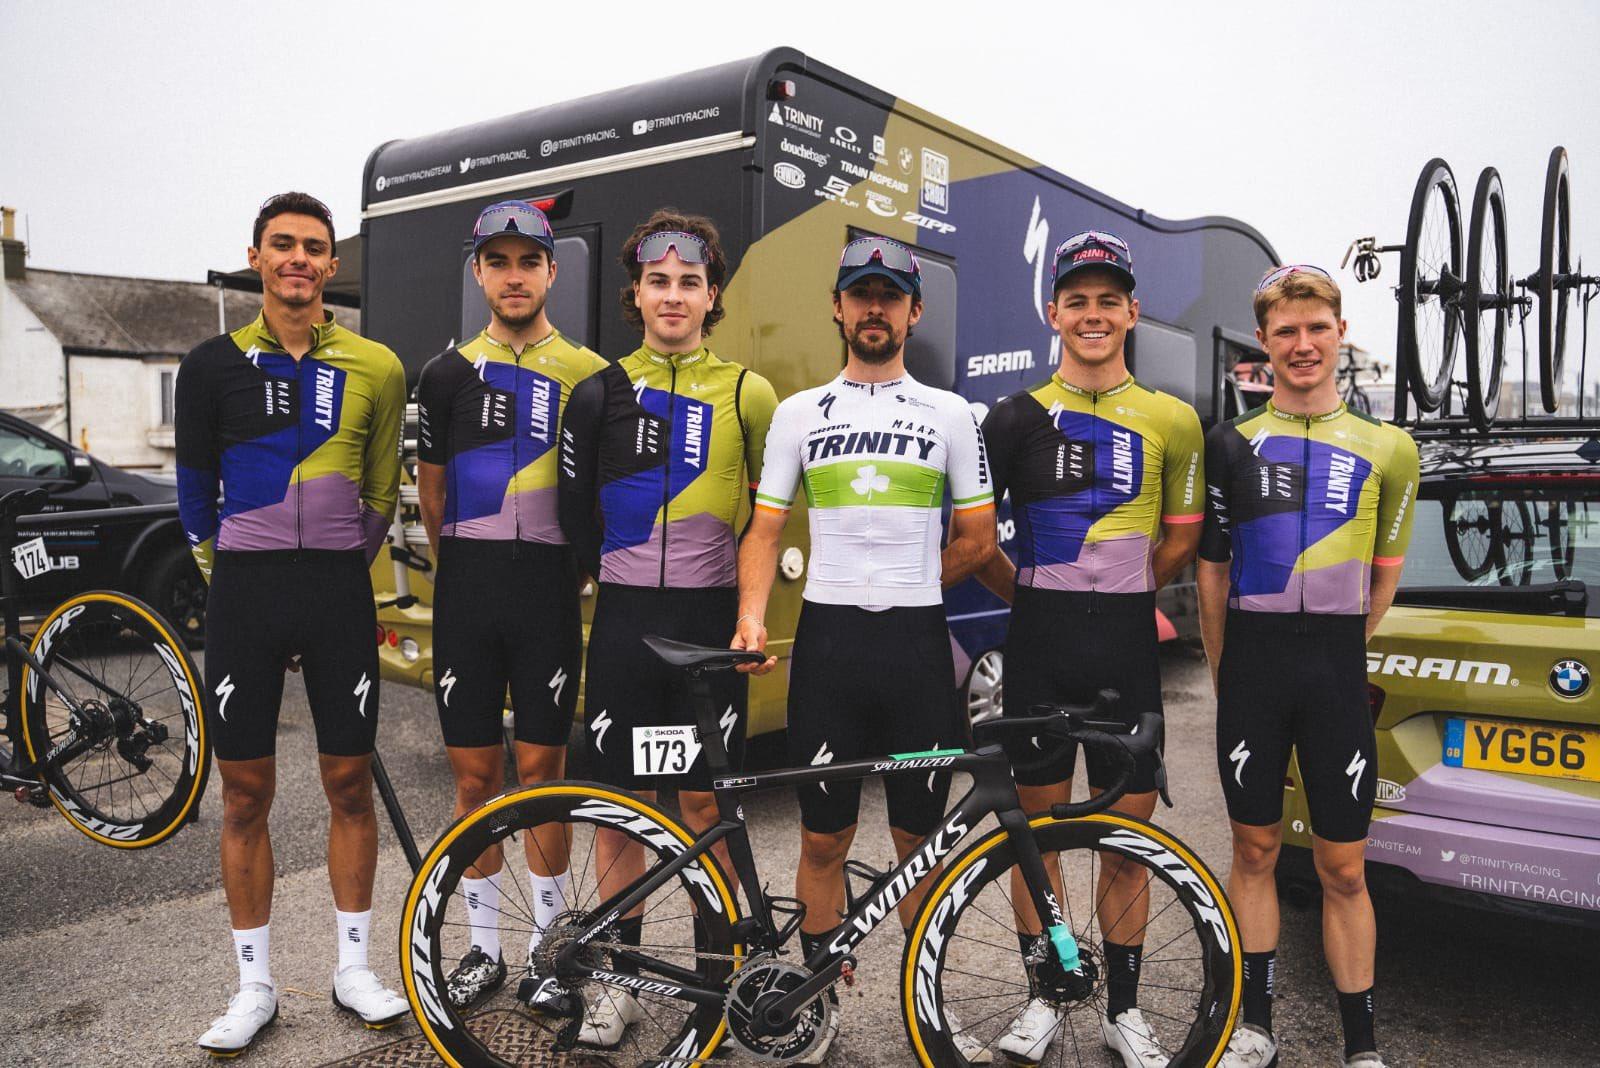 TRINITY Racing Tour of Britain 2021